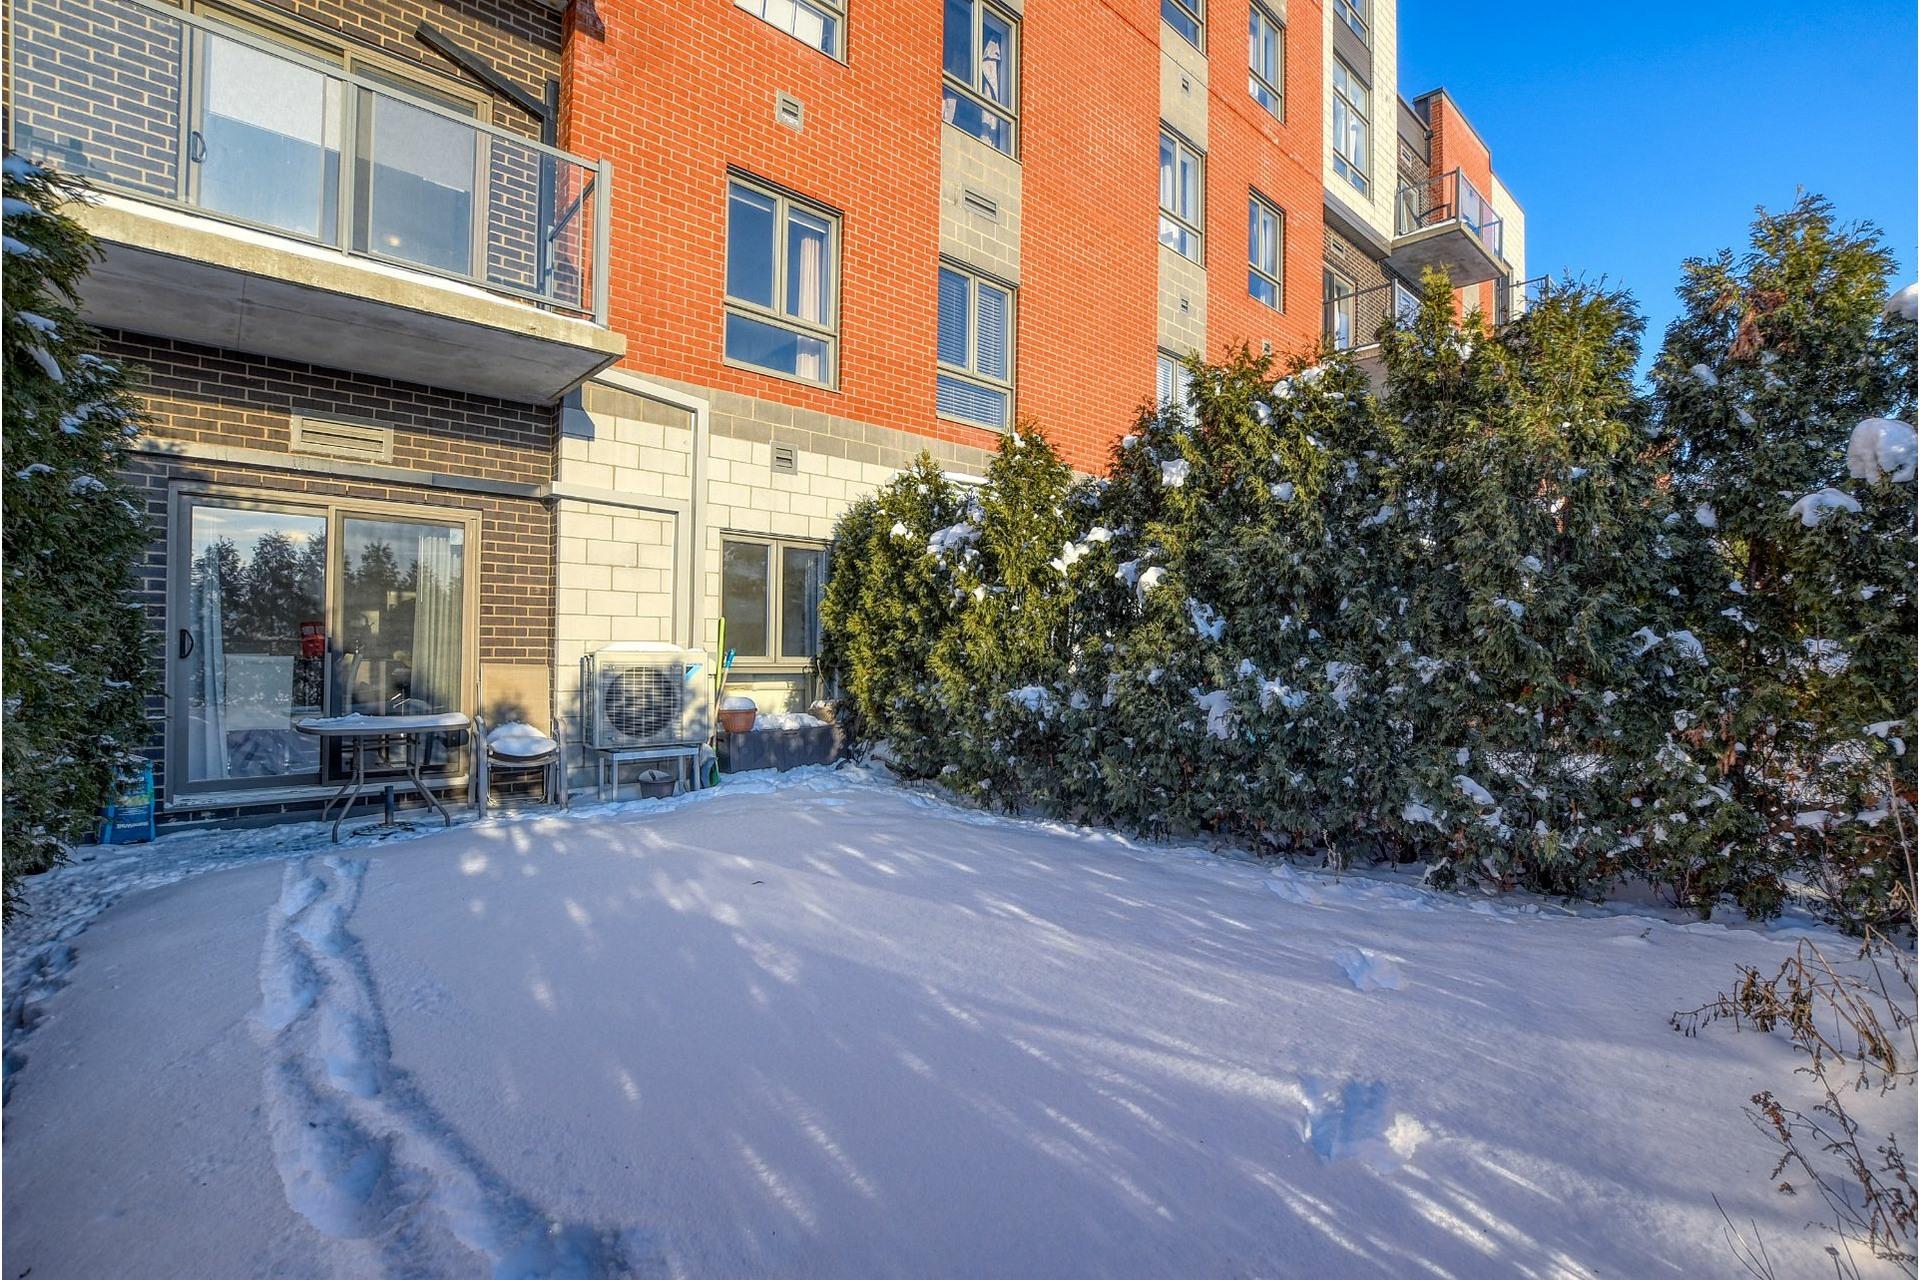 image 20 - Apartment For sale Saint-Laurent Montréal  - 7 rooms